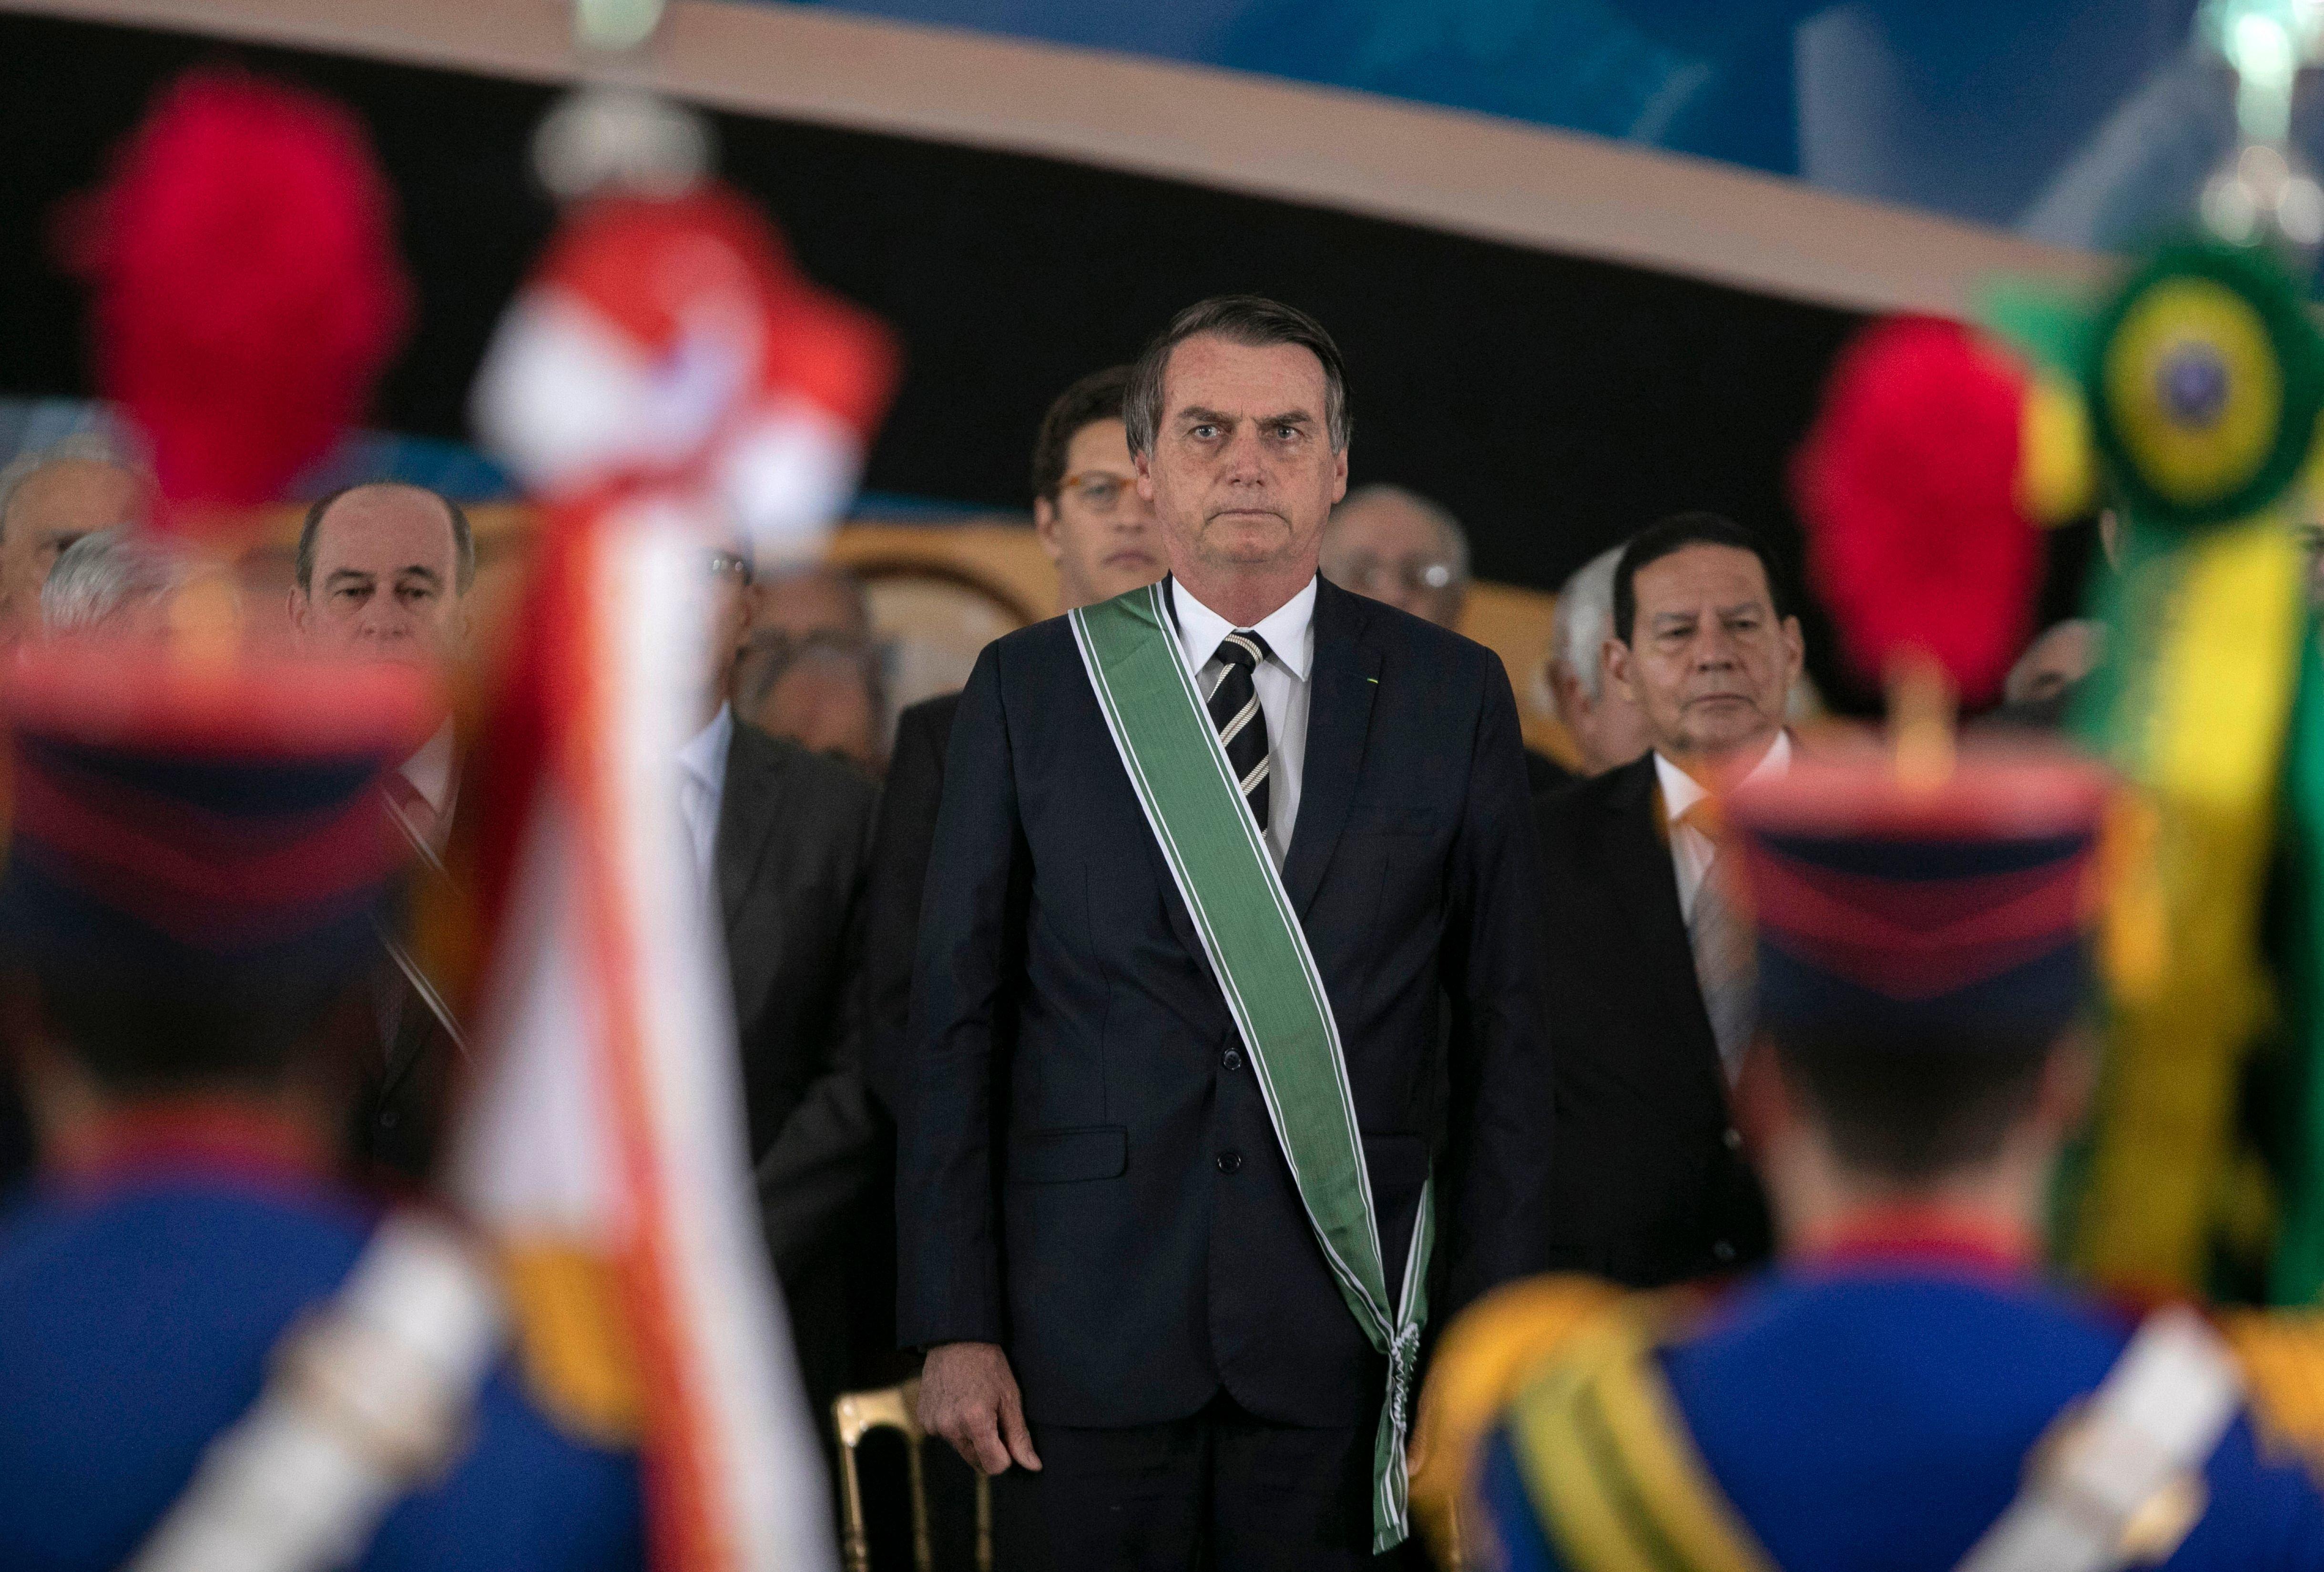 Ο πρόεδρος της Βραζιλίας οργανώνει εορτασμούς για να τιμήσει το στρατιωτικό πραξικόπημα του